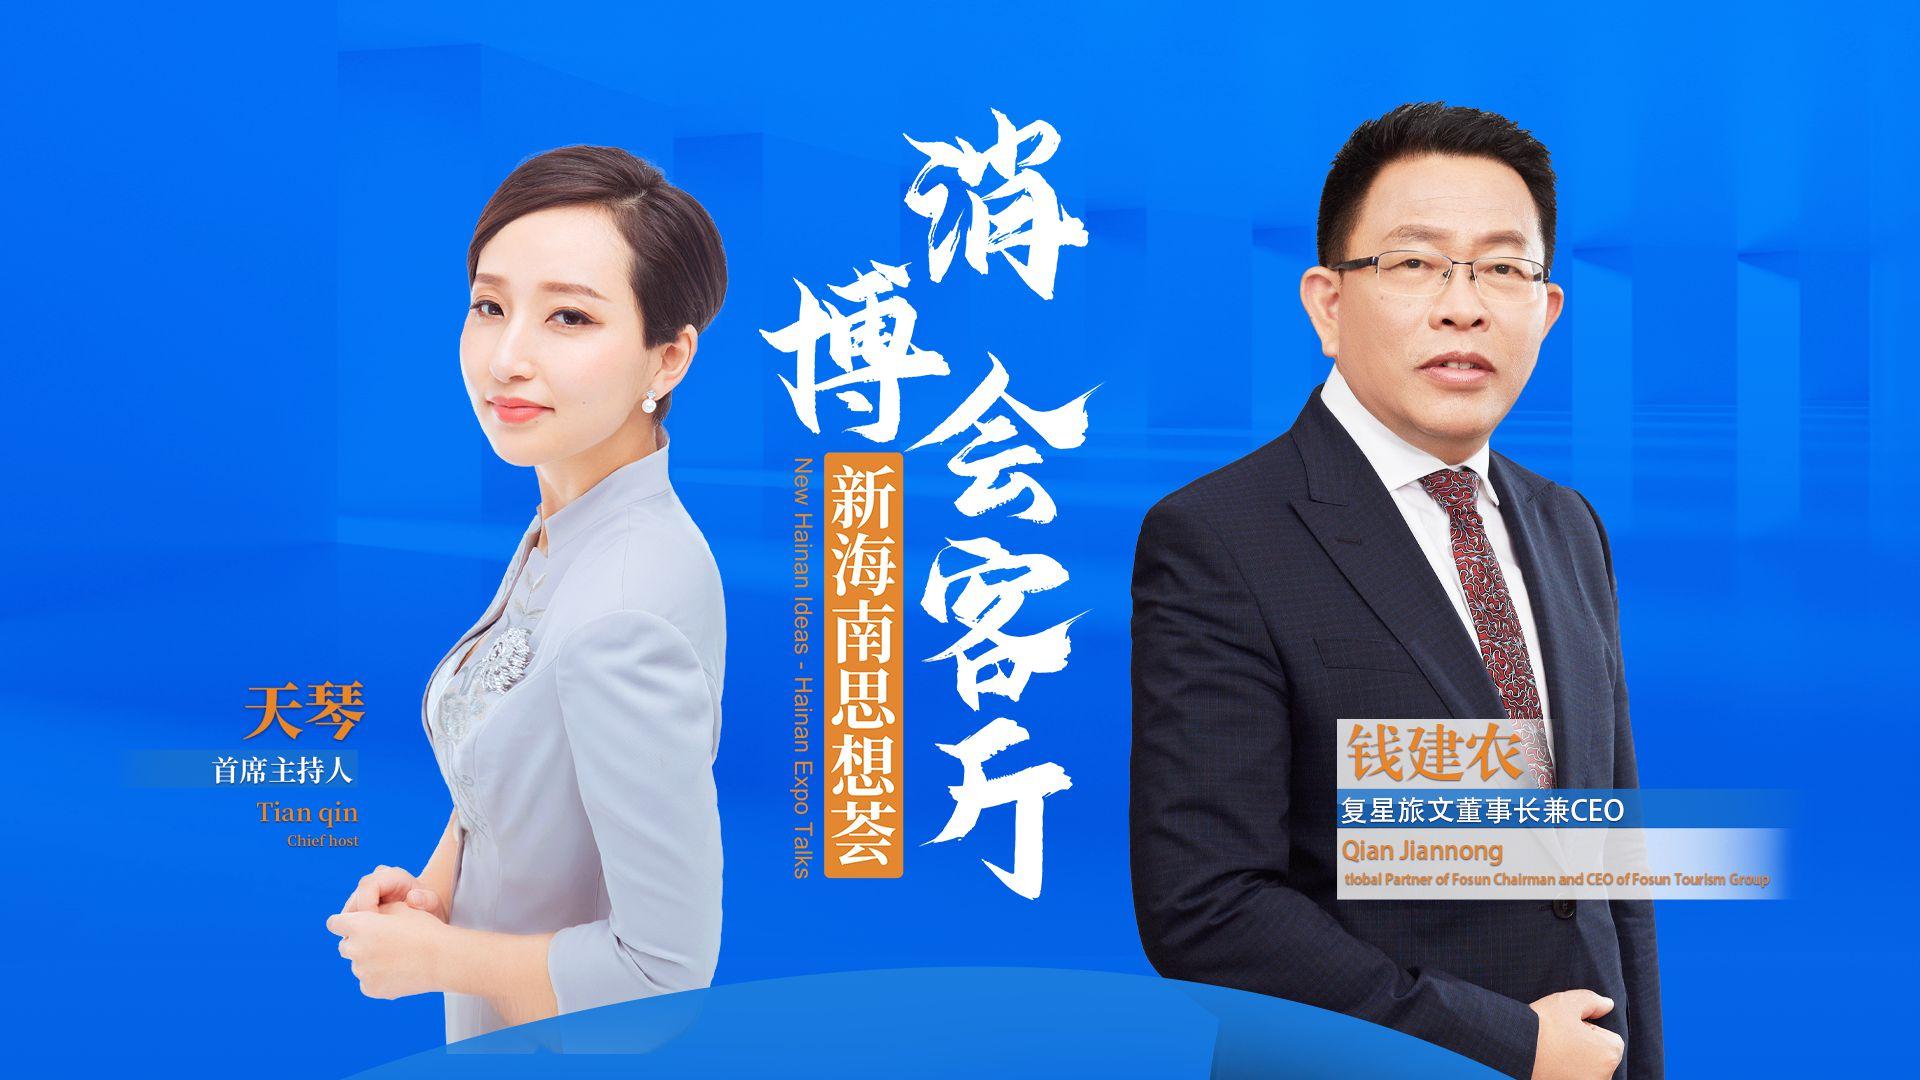 钱建农:海南将成为中国人的消费天堂